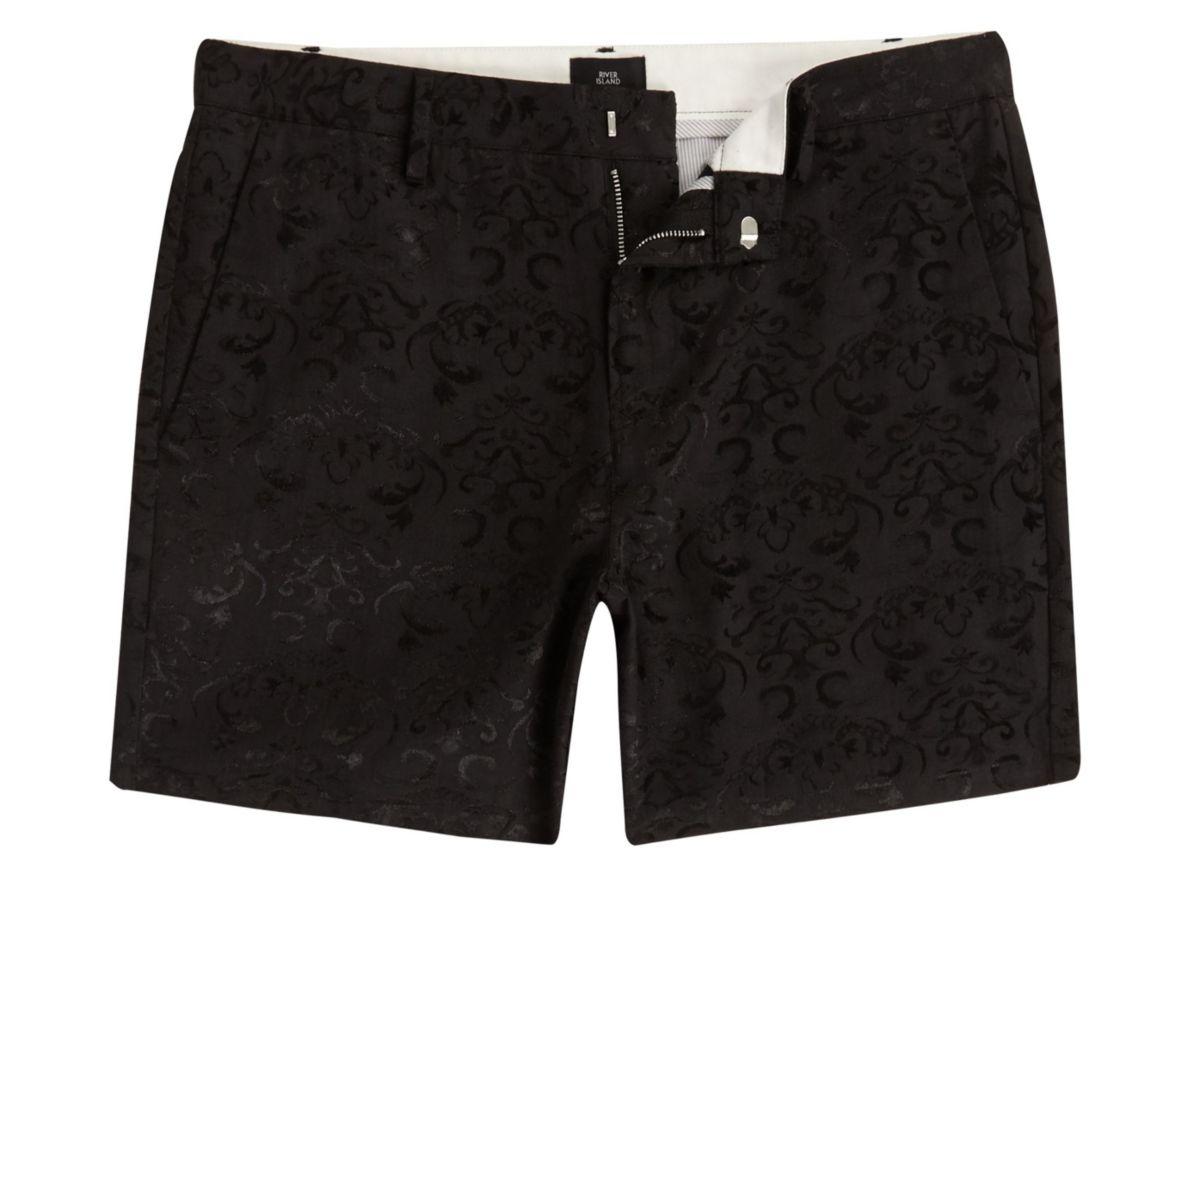 Black jacquard slim fit chino shorts